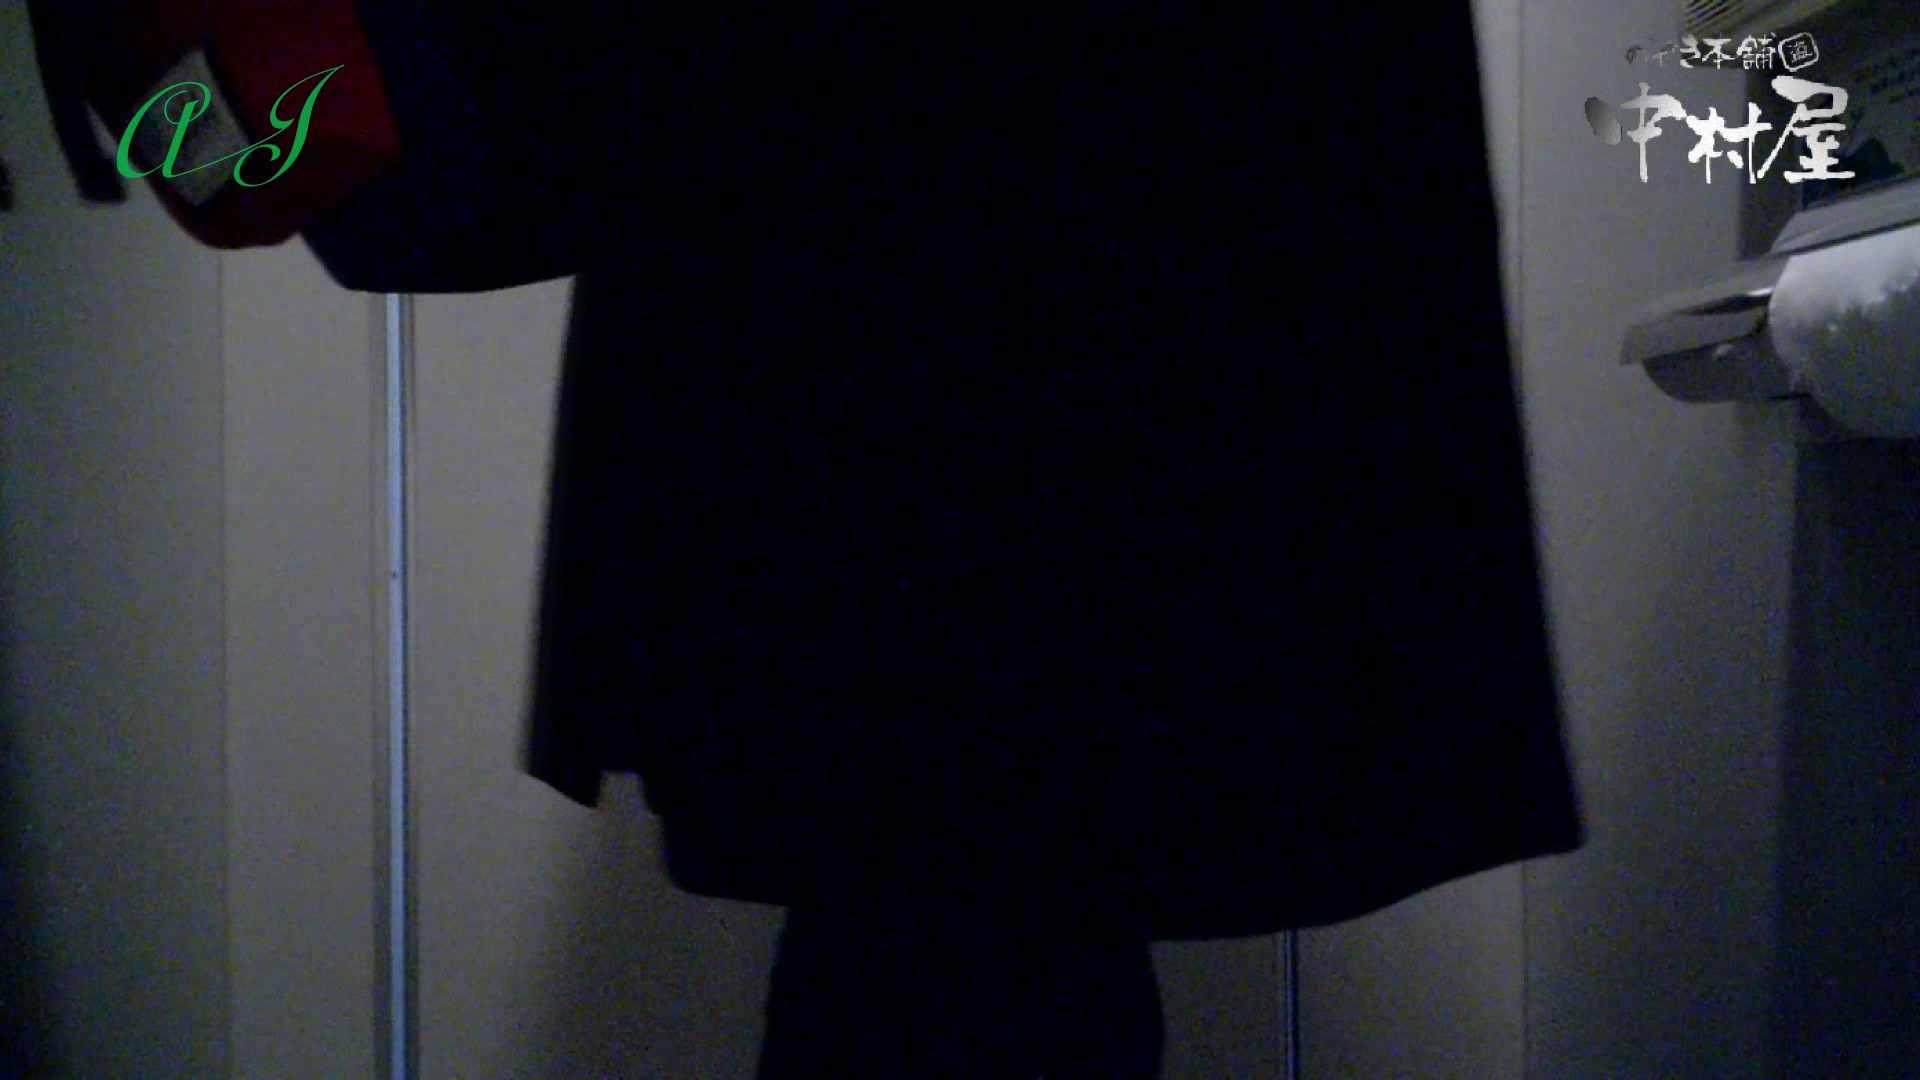 有名大学女性洗面所 vol.59 新アングル追加!相変わらずの美女率!! 洗面所編 おめこ無修正動画無料 109PIX 2